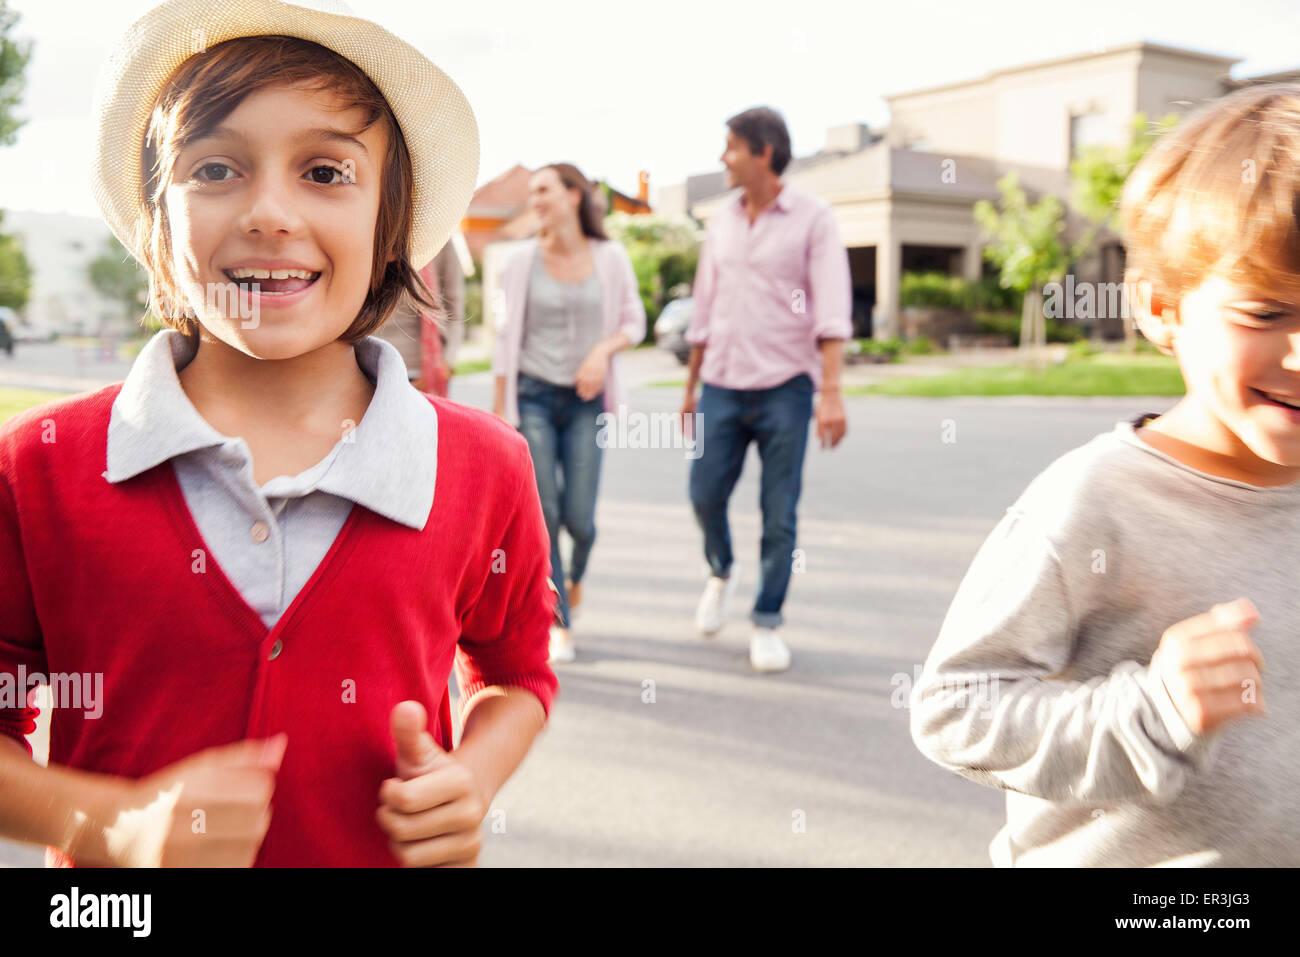 Jungen im Straße, Familie zu Fuß hinter ihnen laufen Stockbild